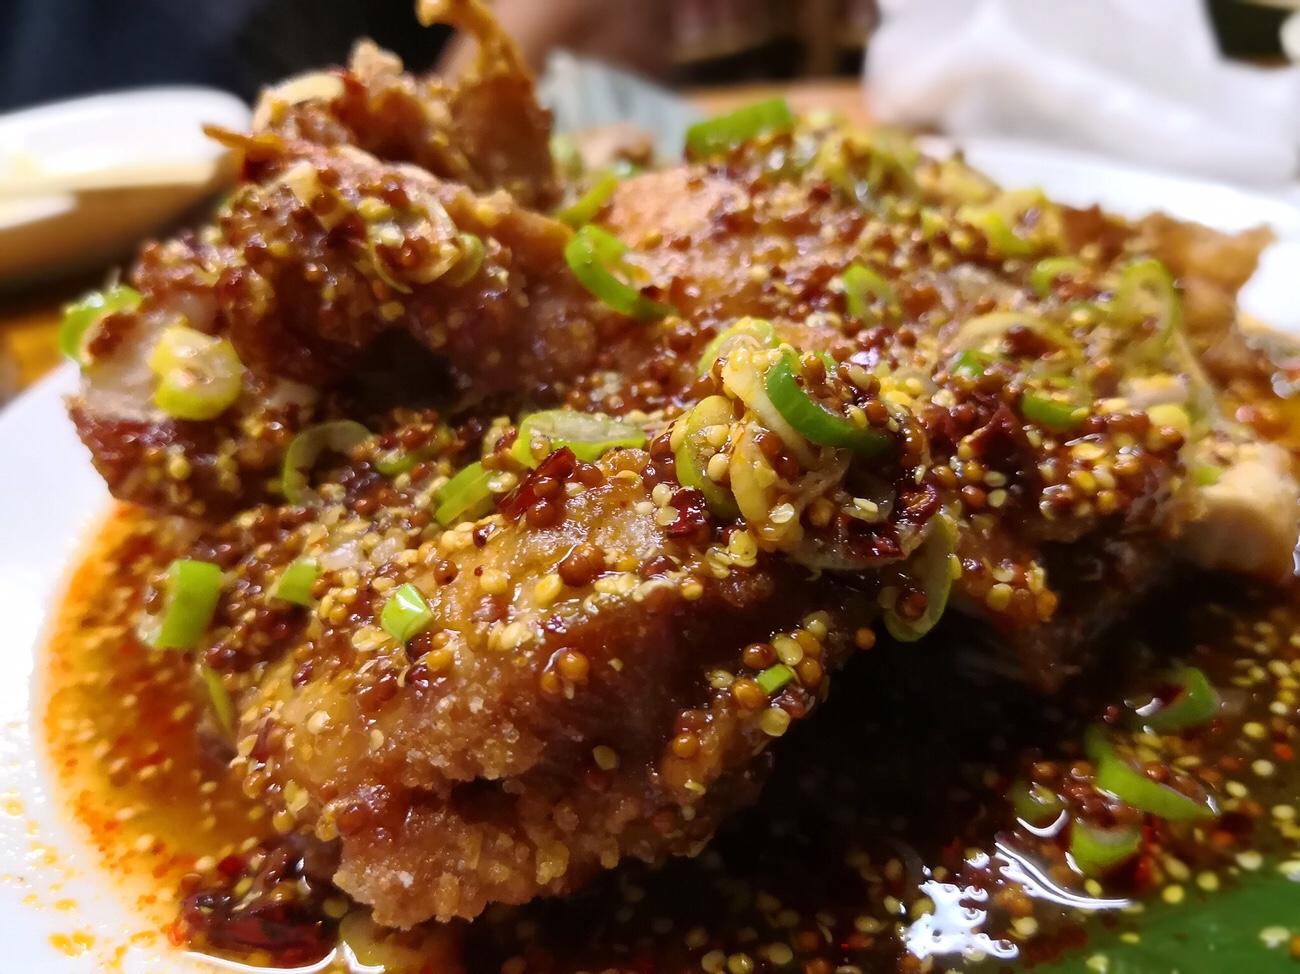 町中華埼玉ラーメン かし亀のおすすめ油淋鶏 かぞ